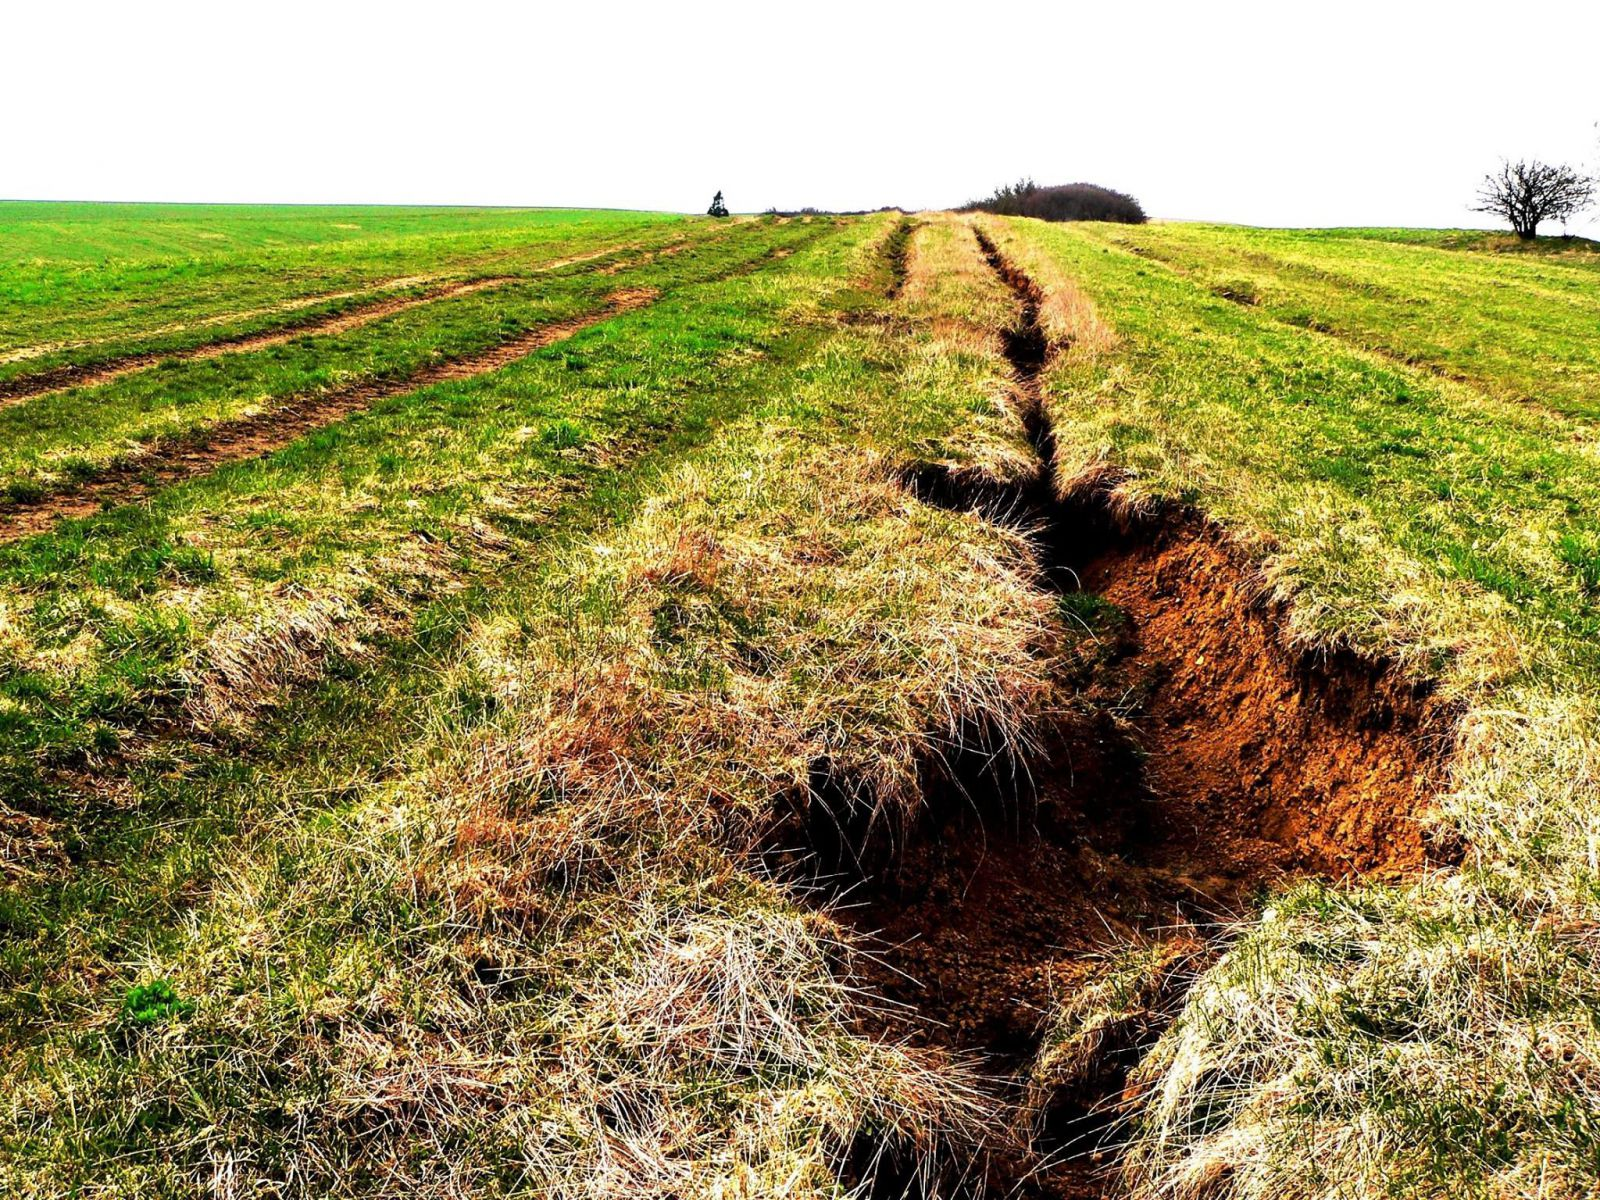 Vysušuje sa nám aj Slovensko. Slovák tvrdí, že za globálne otepľovanie môže najmä vysušovanie pevniny (Rozhovor)